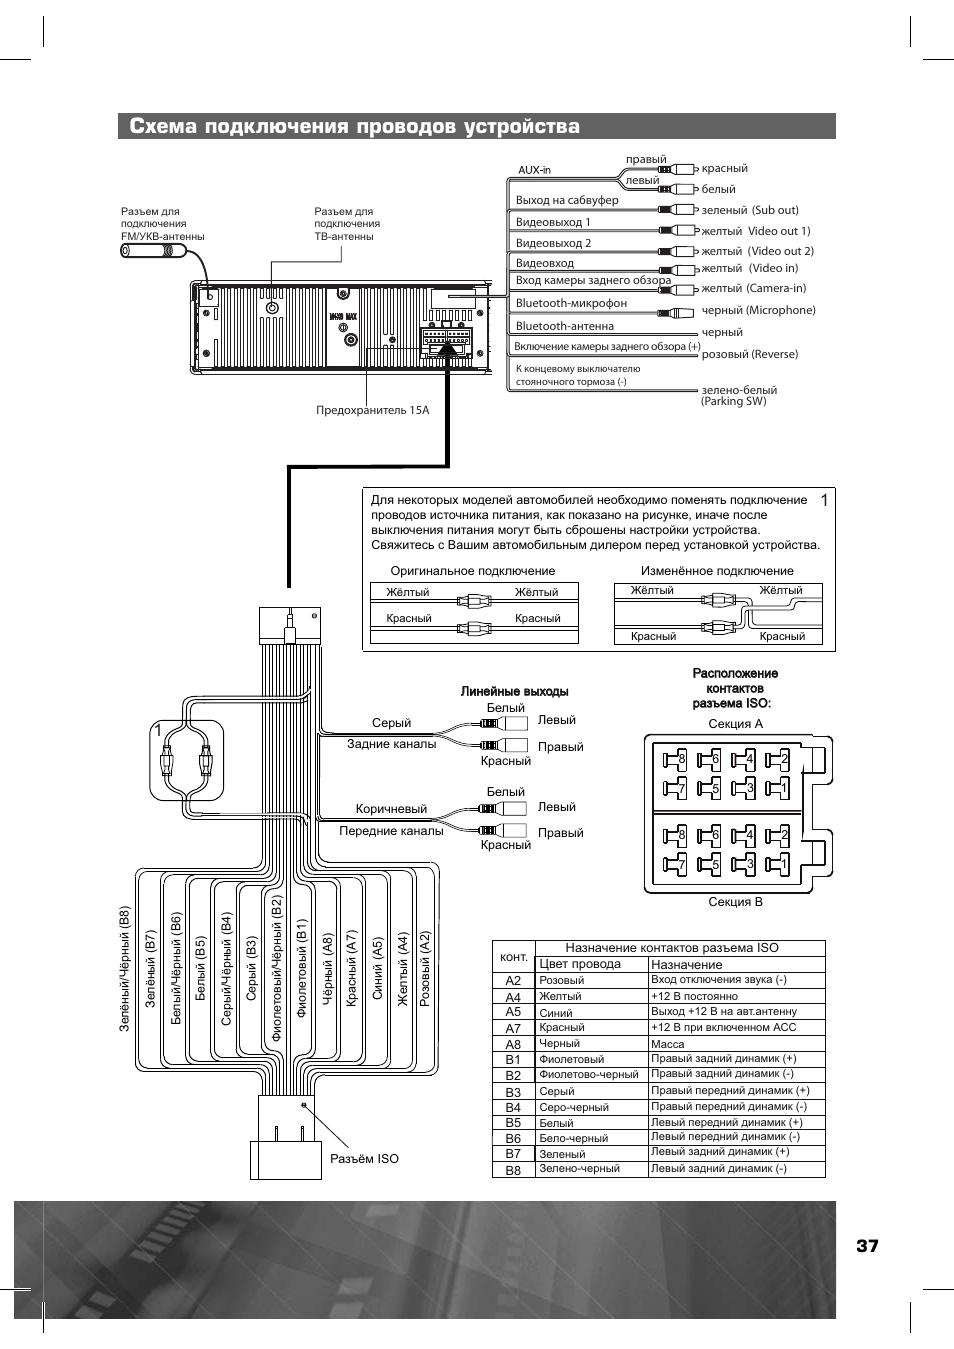 Автомагнитола пролоджи схема подключения 975